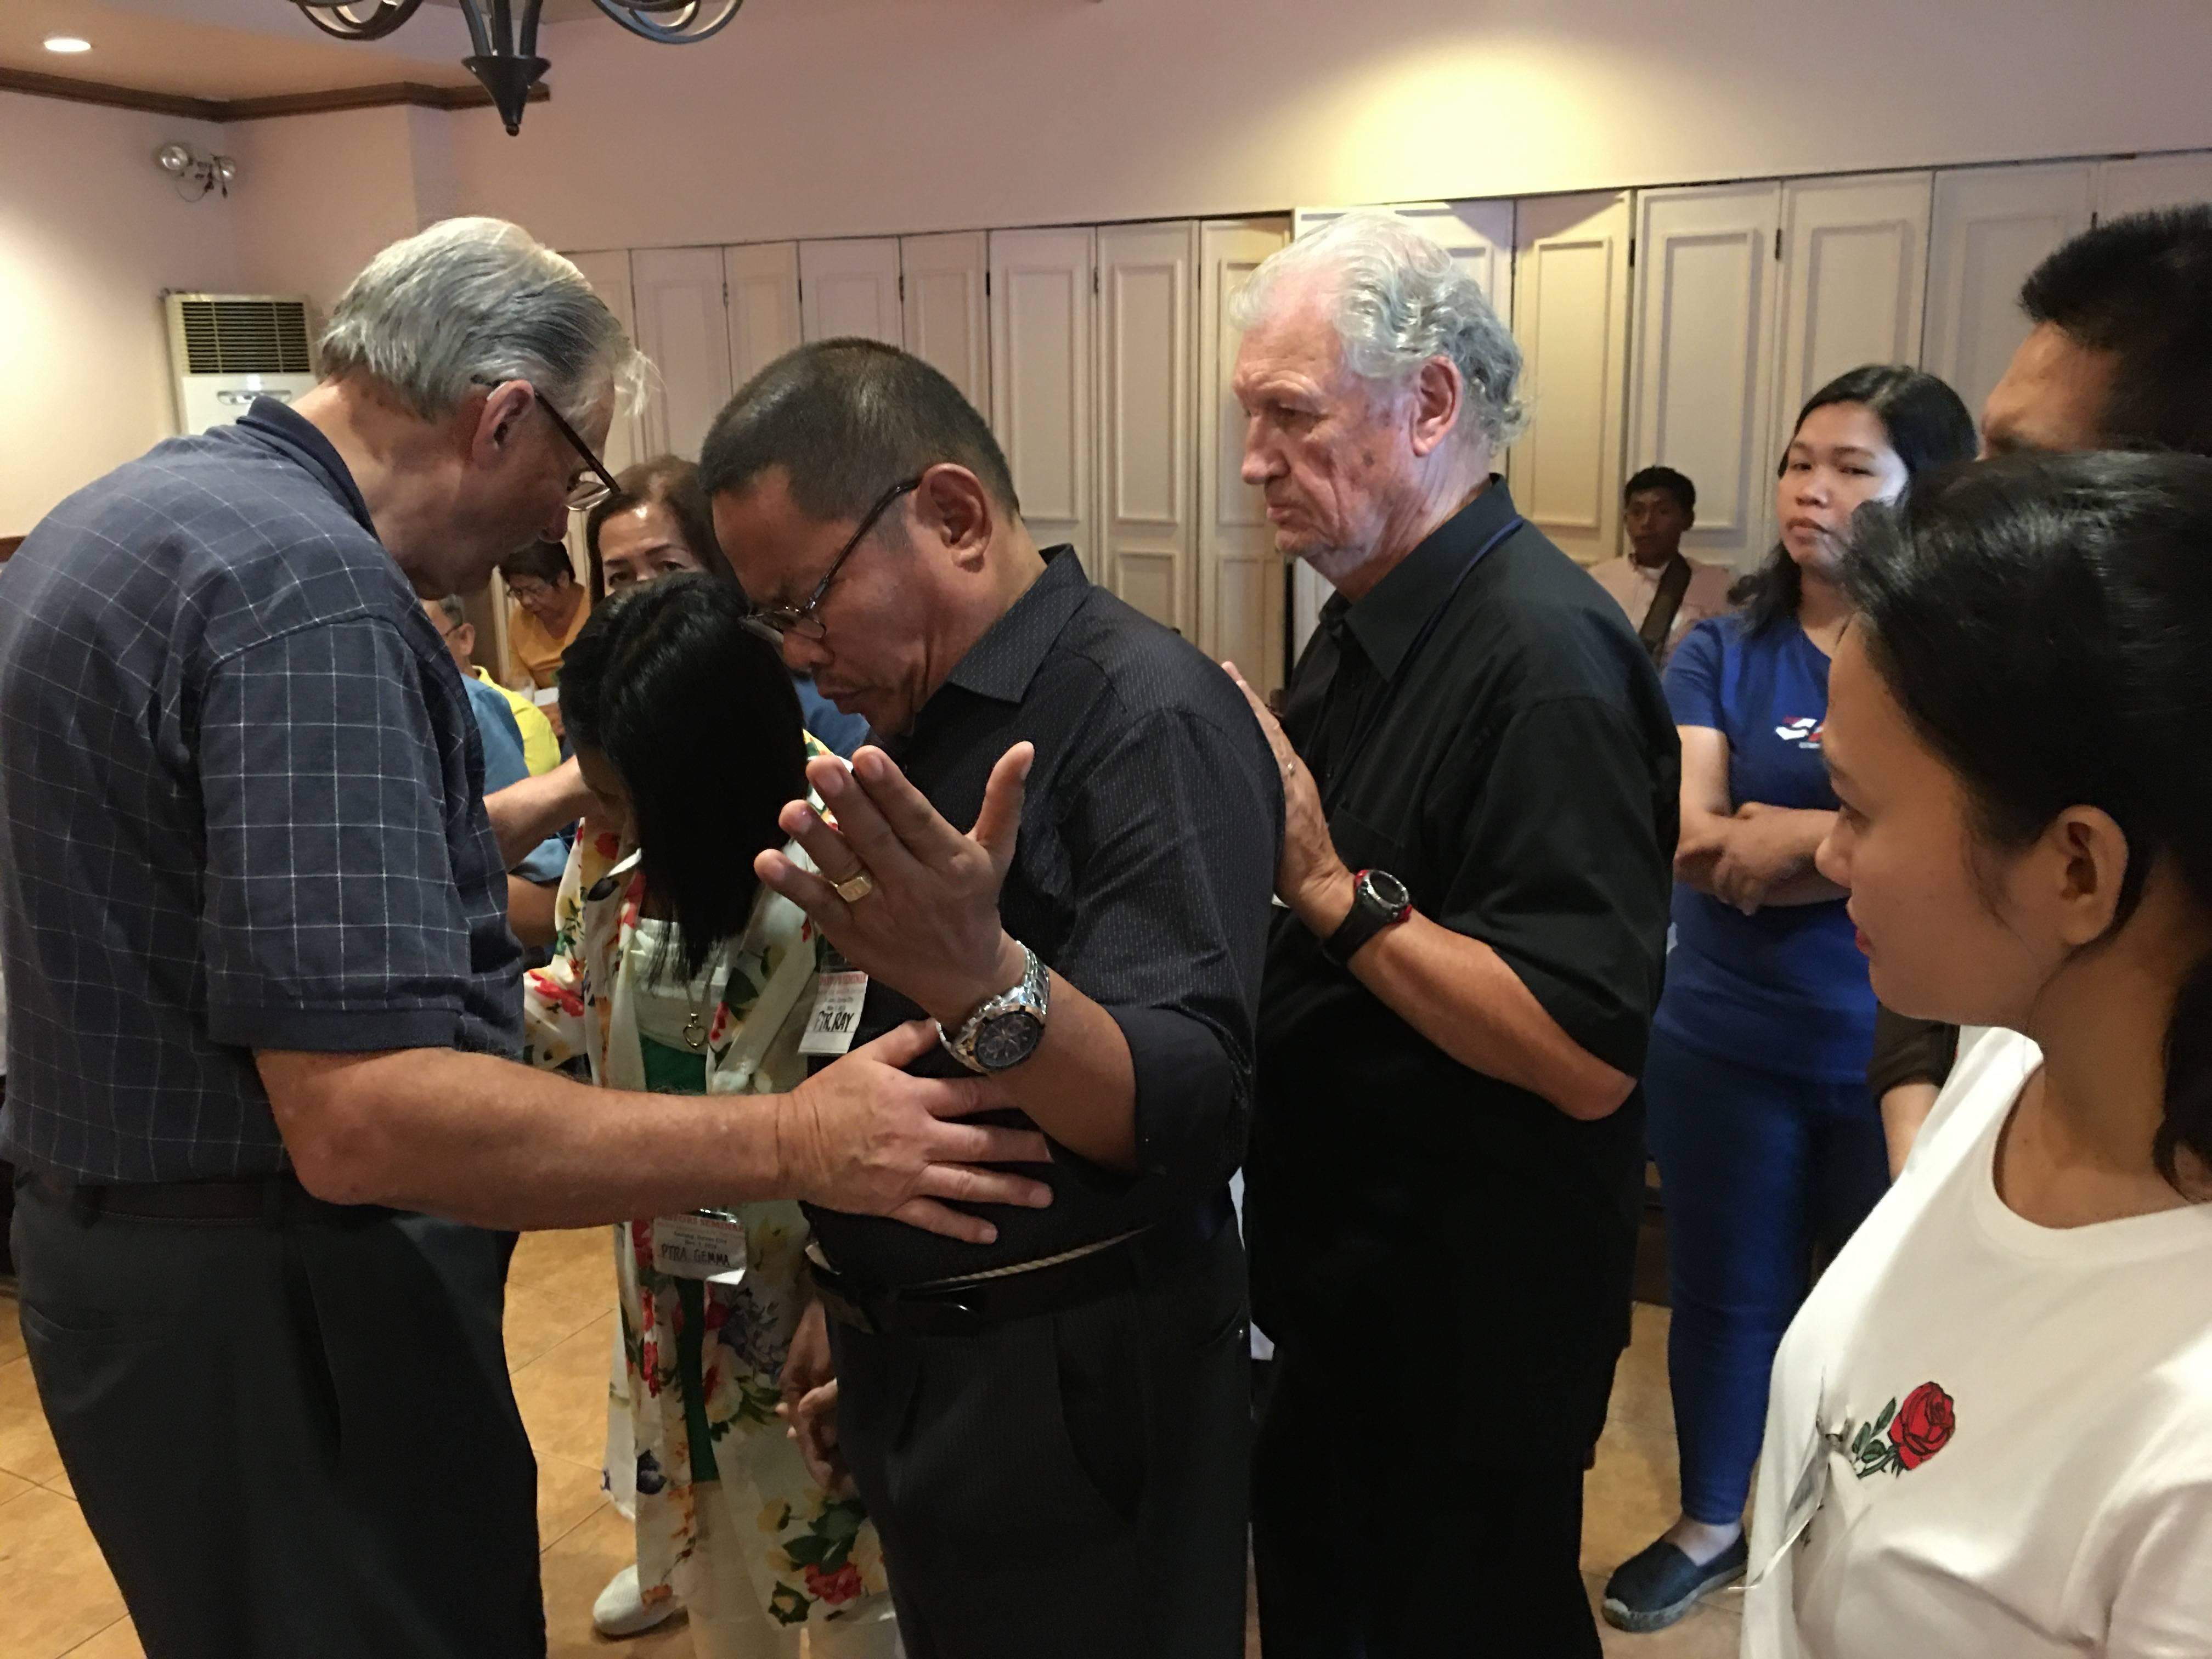 Praying for Pastors